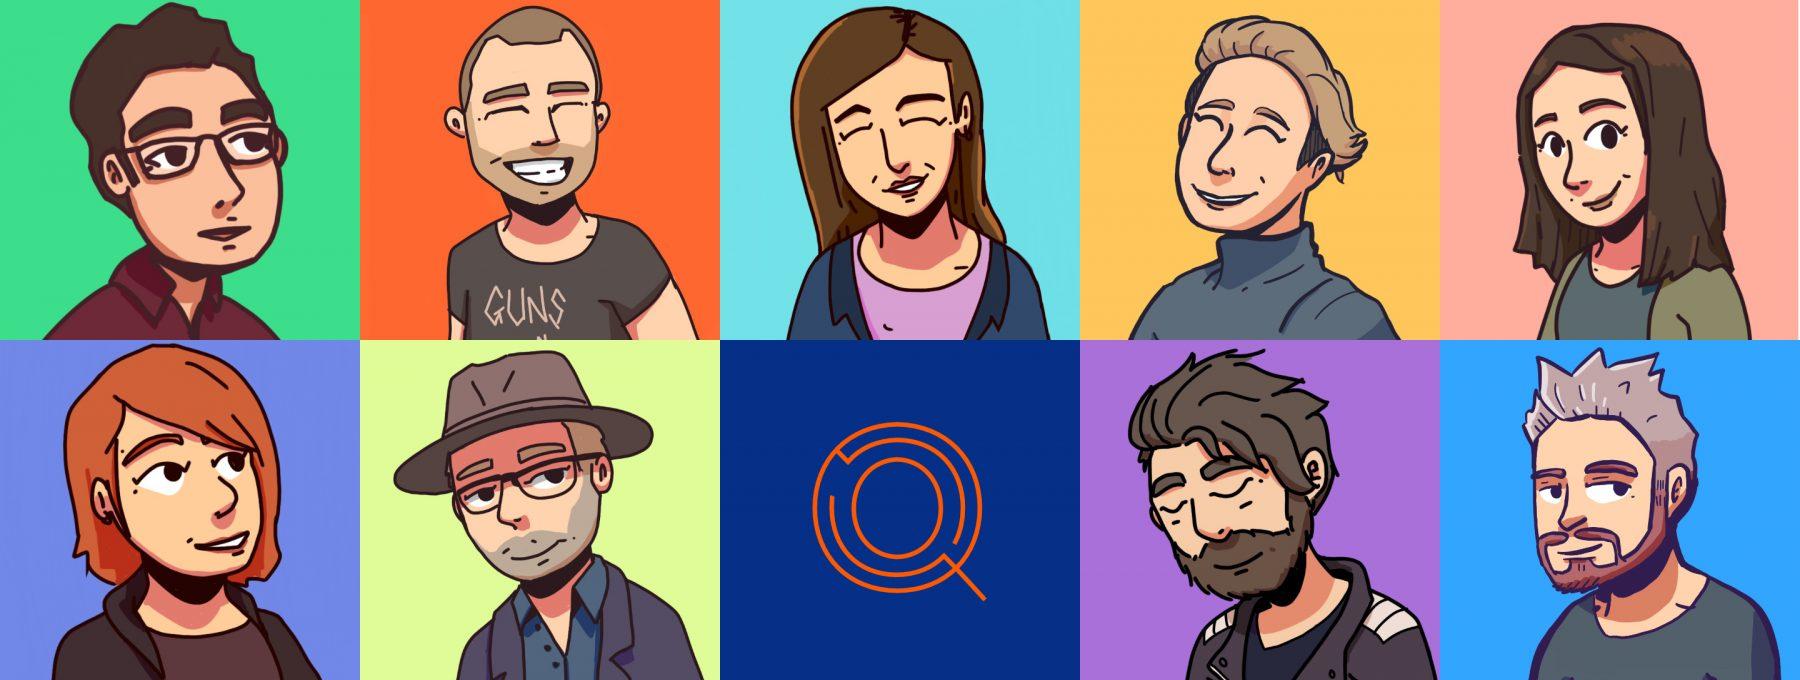 Team avatars 21